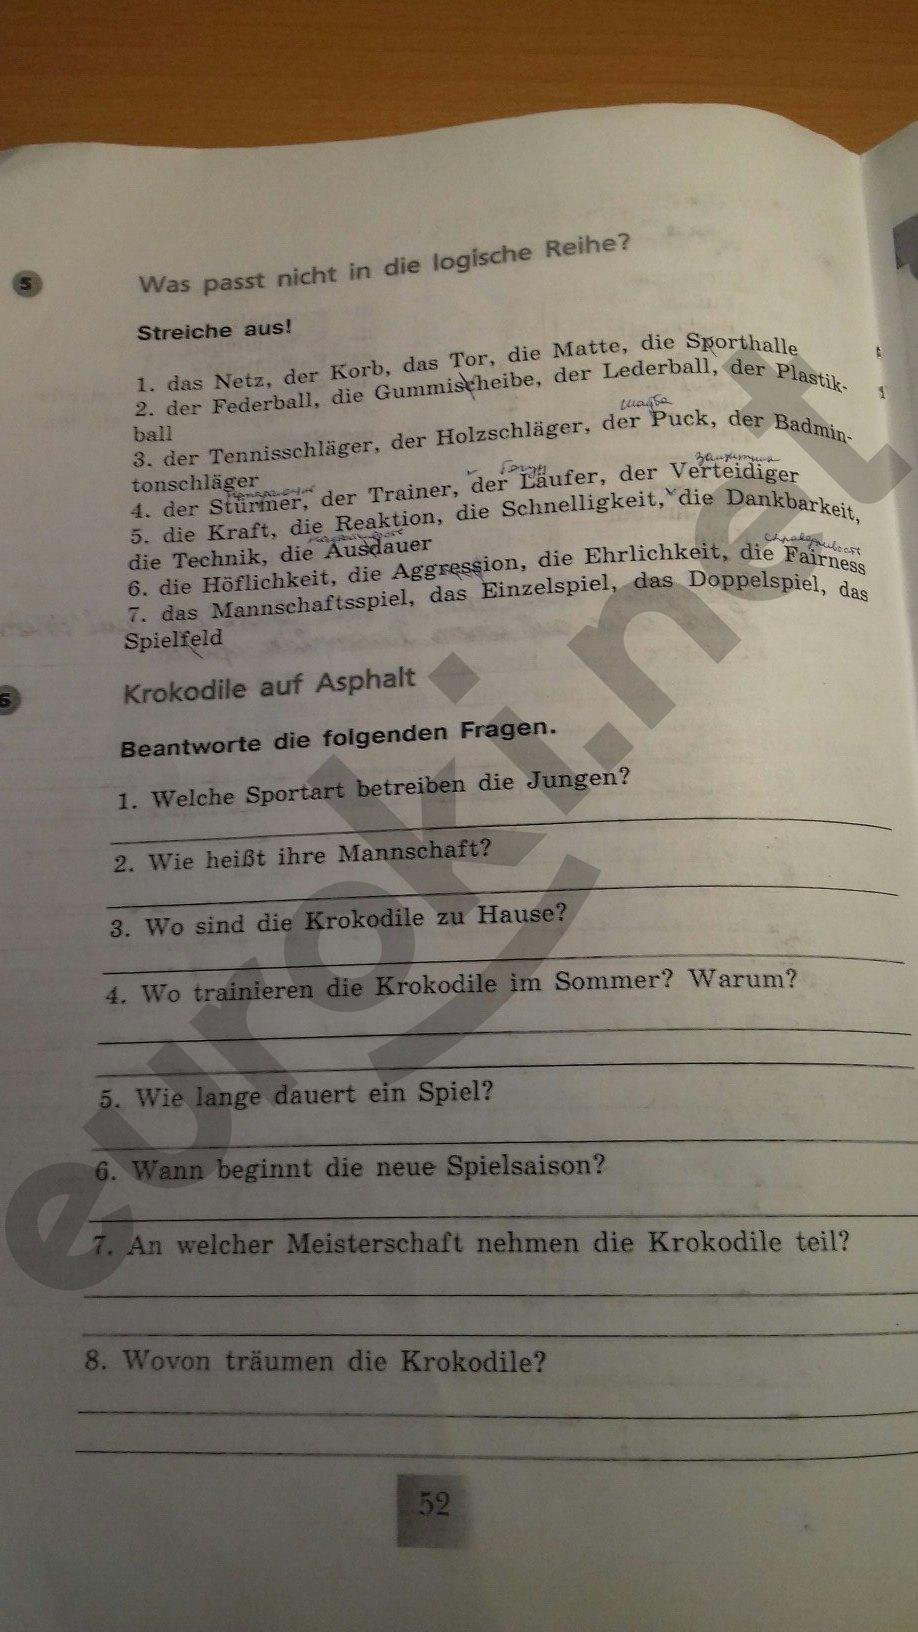 ГДЗ по немецкому языку 6 класс рабочая тетрадь Артемова. Задание: стр. 52